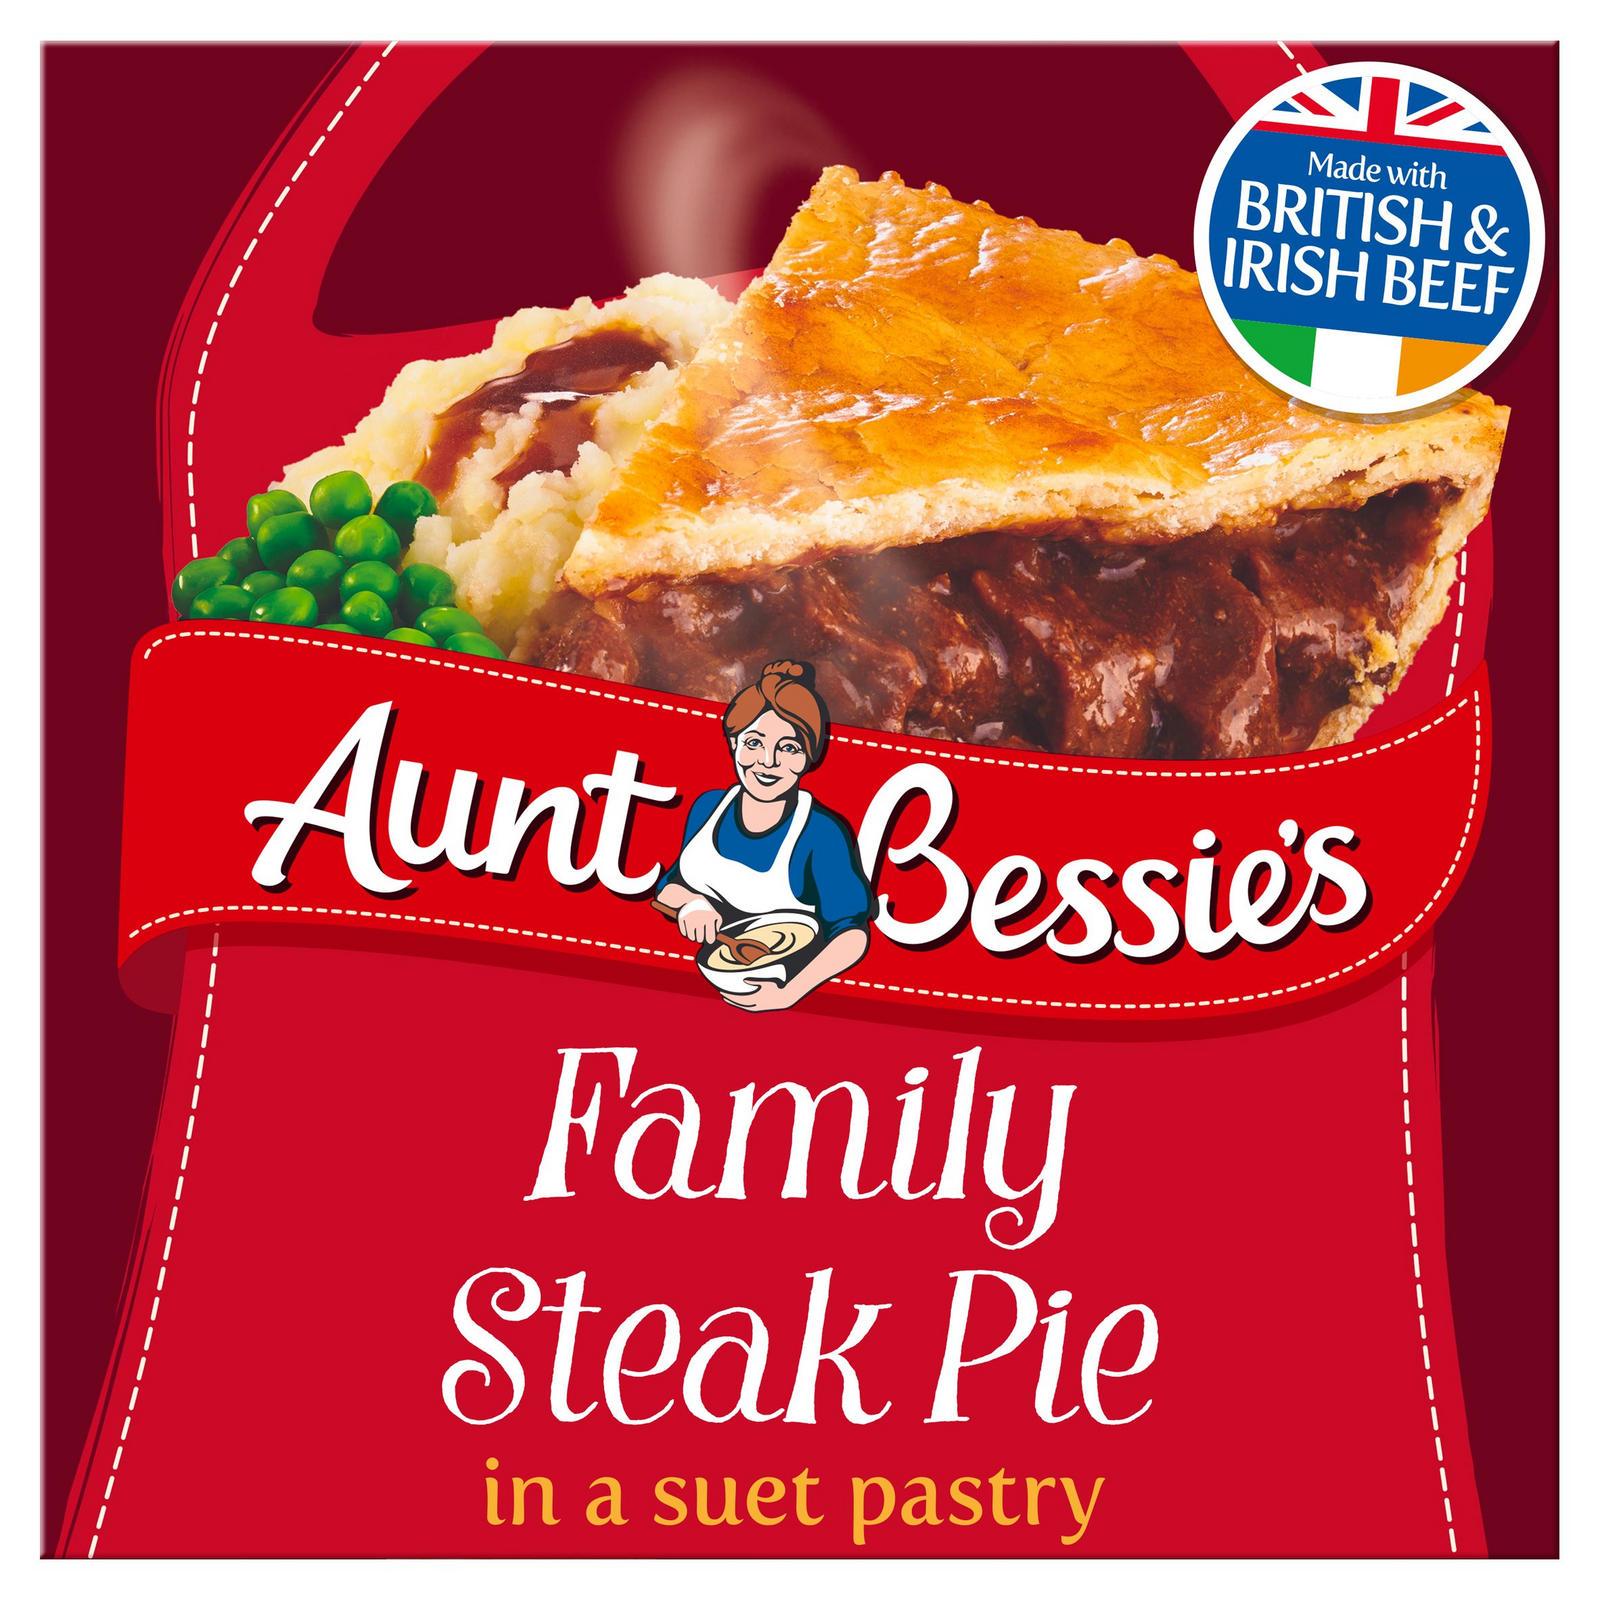 Aunt Bessie's Family Steak Pie in a Suet Pastry 650g ...